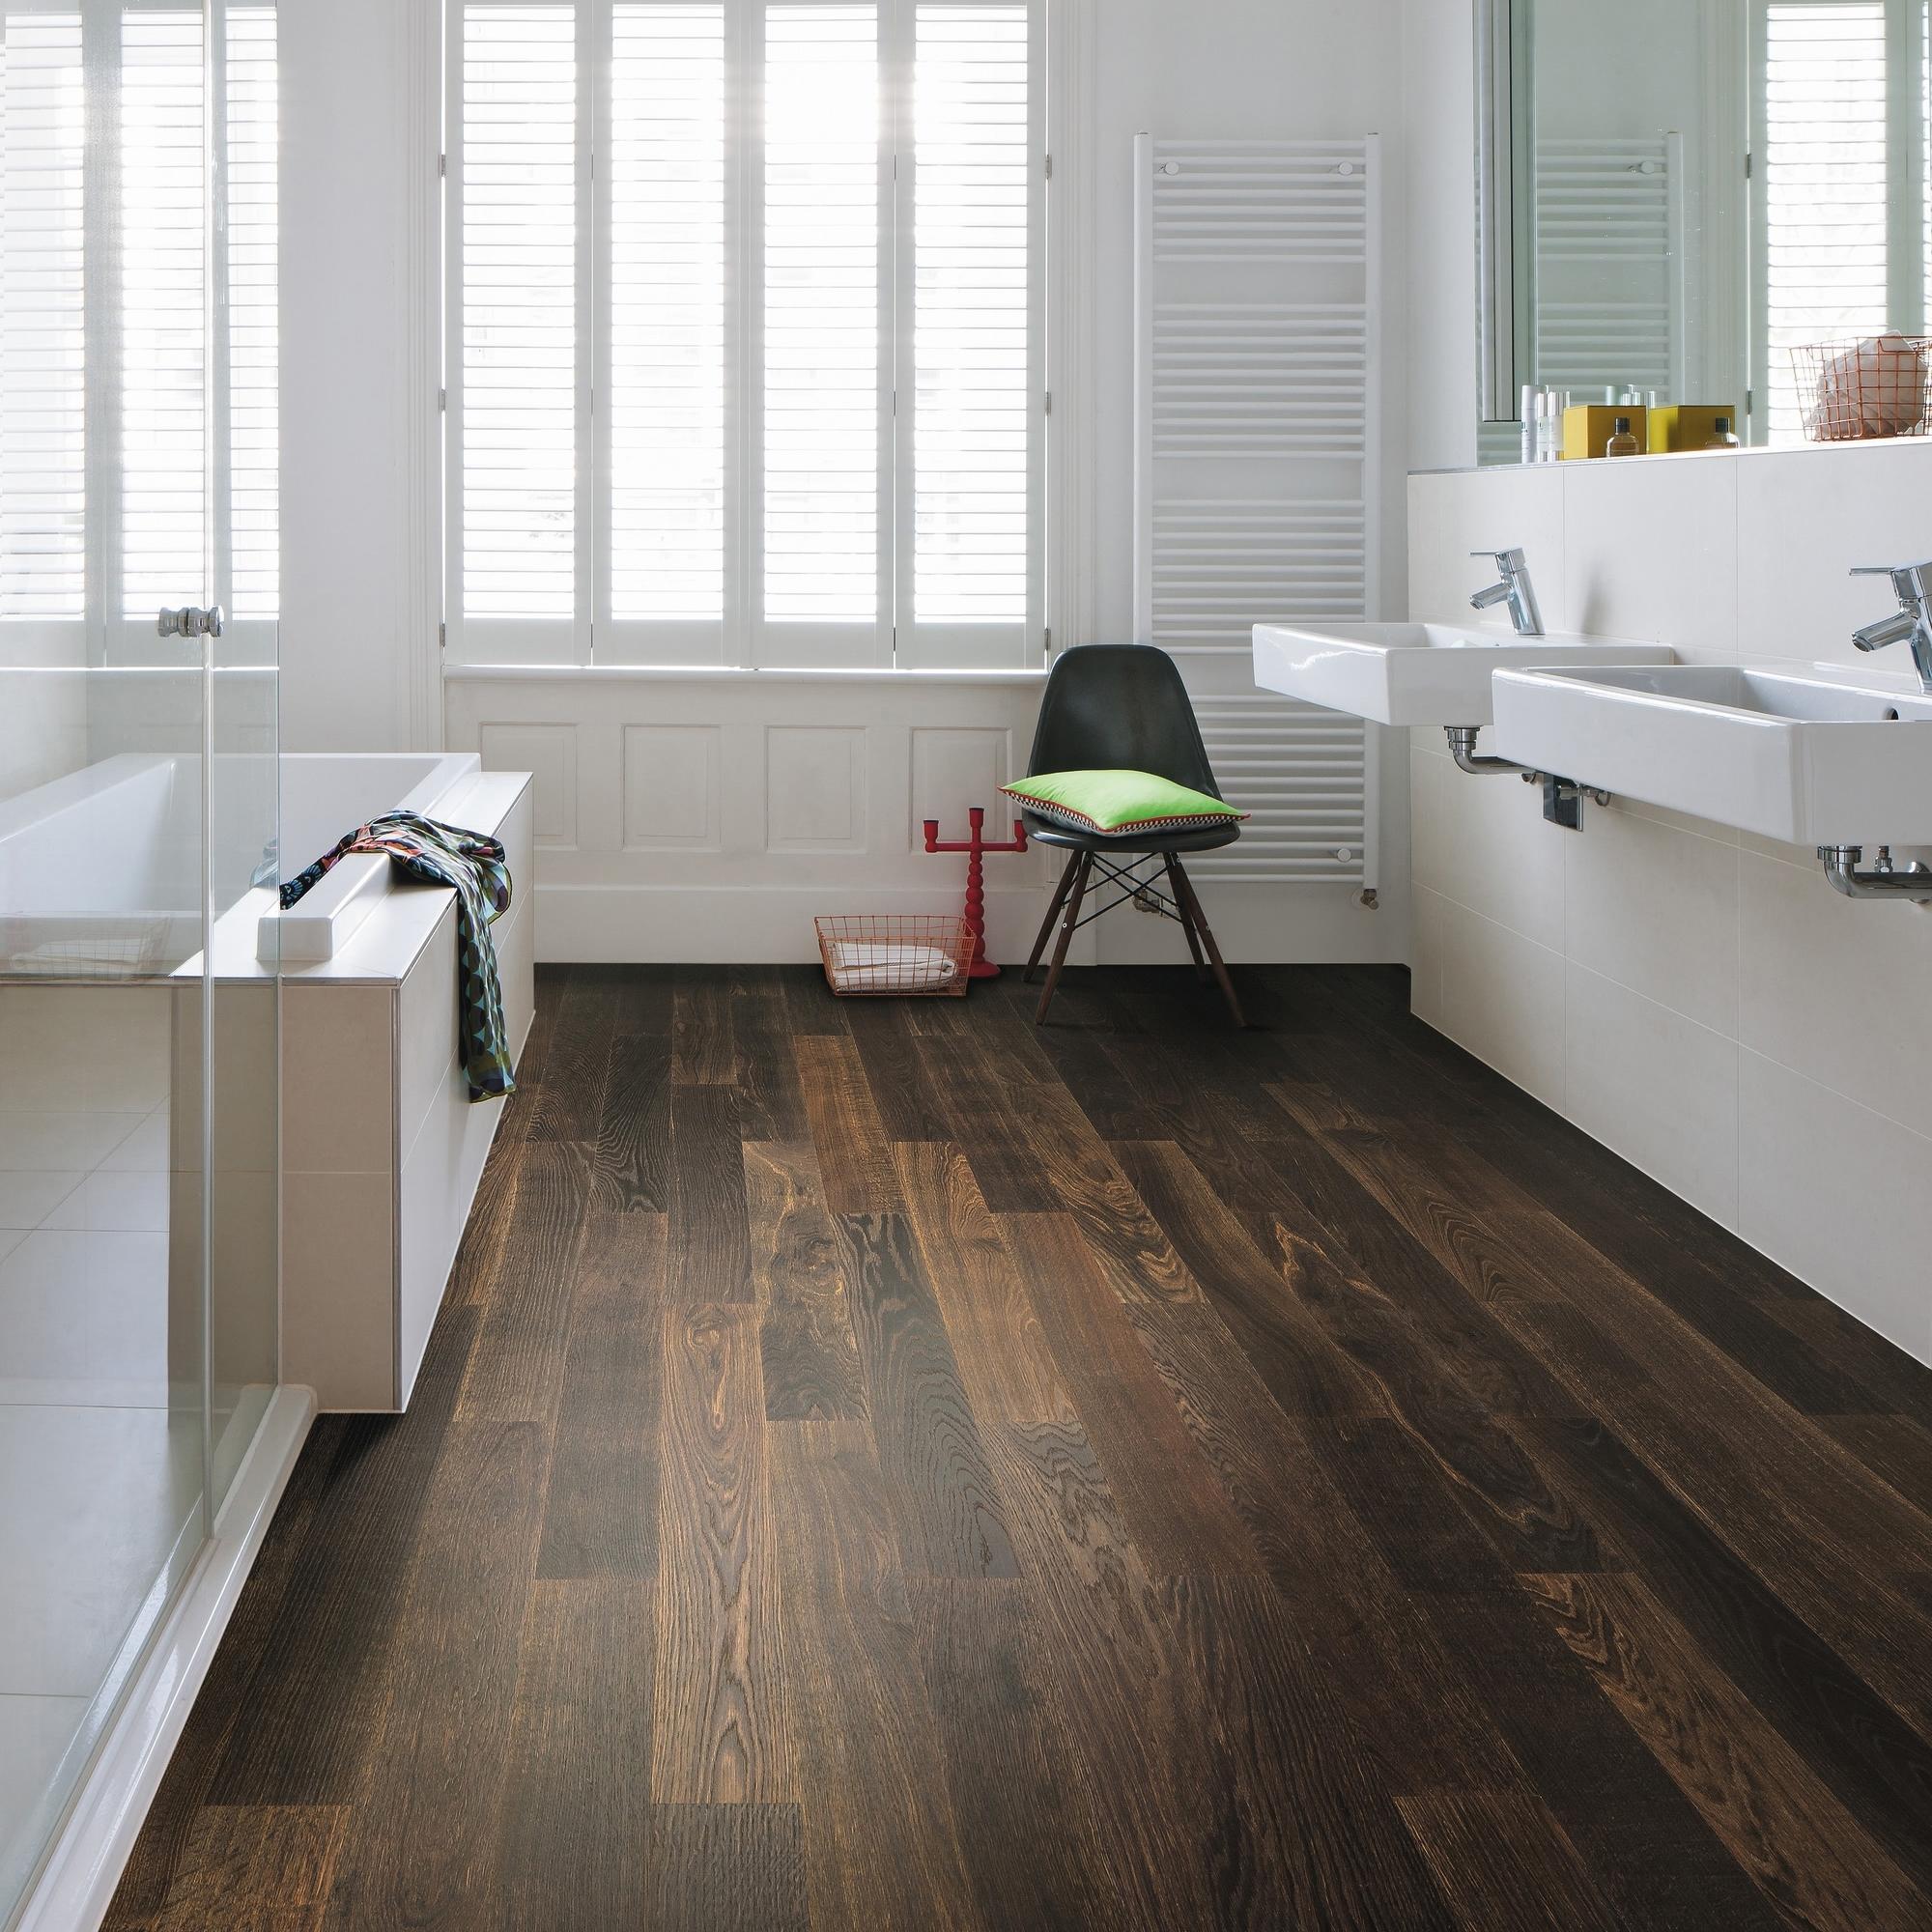 schreinerei julian grimm ideen mit holz der schreiner in fellbach bad. Black Bedroom Furniture Sets. Home Design Ideas